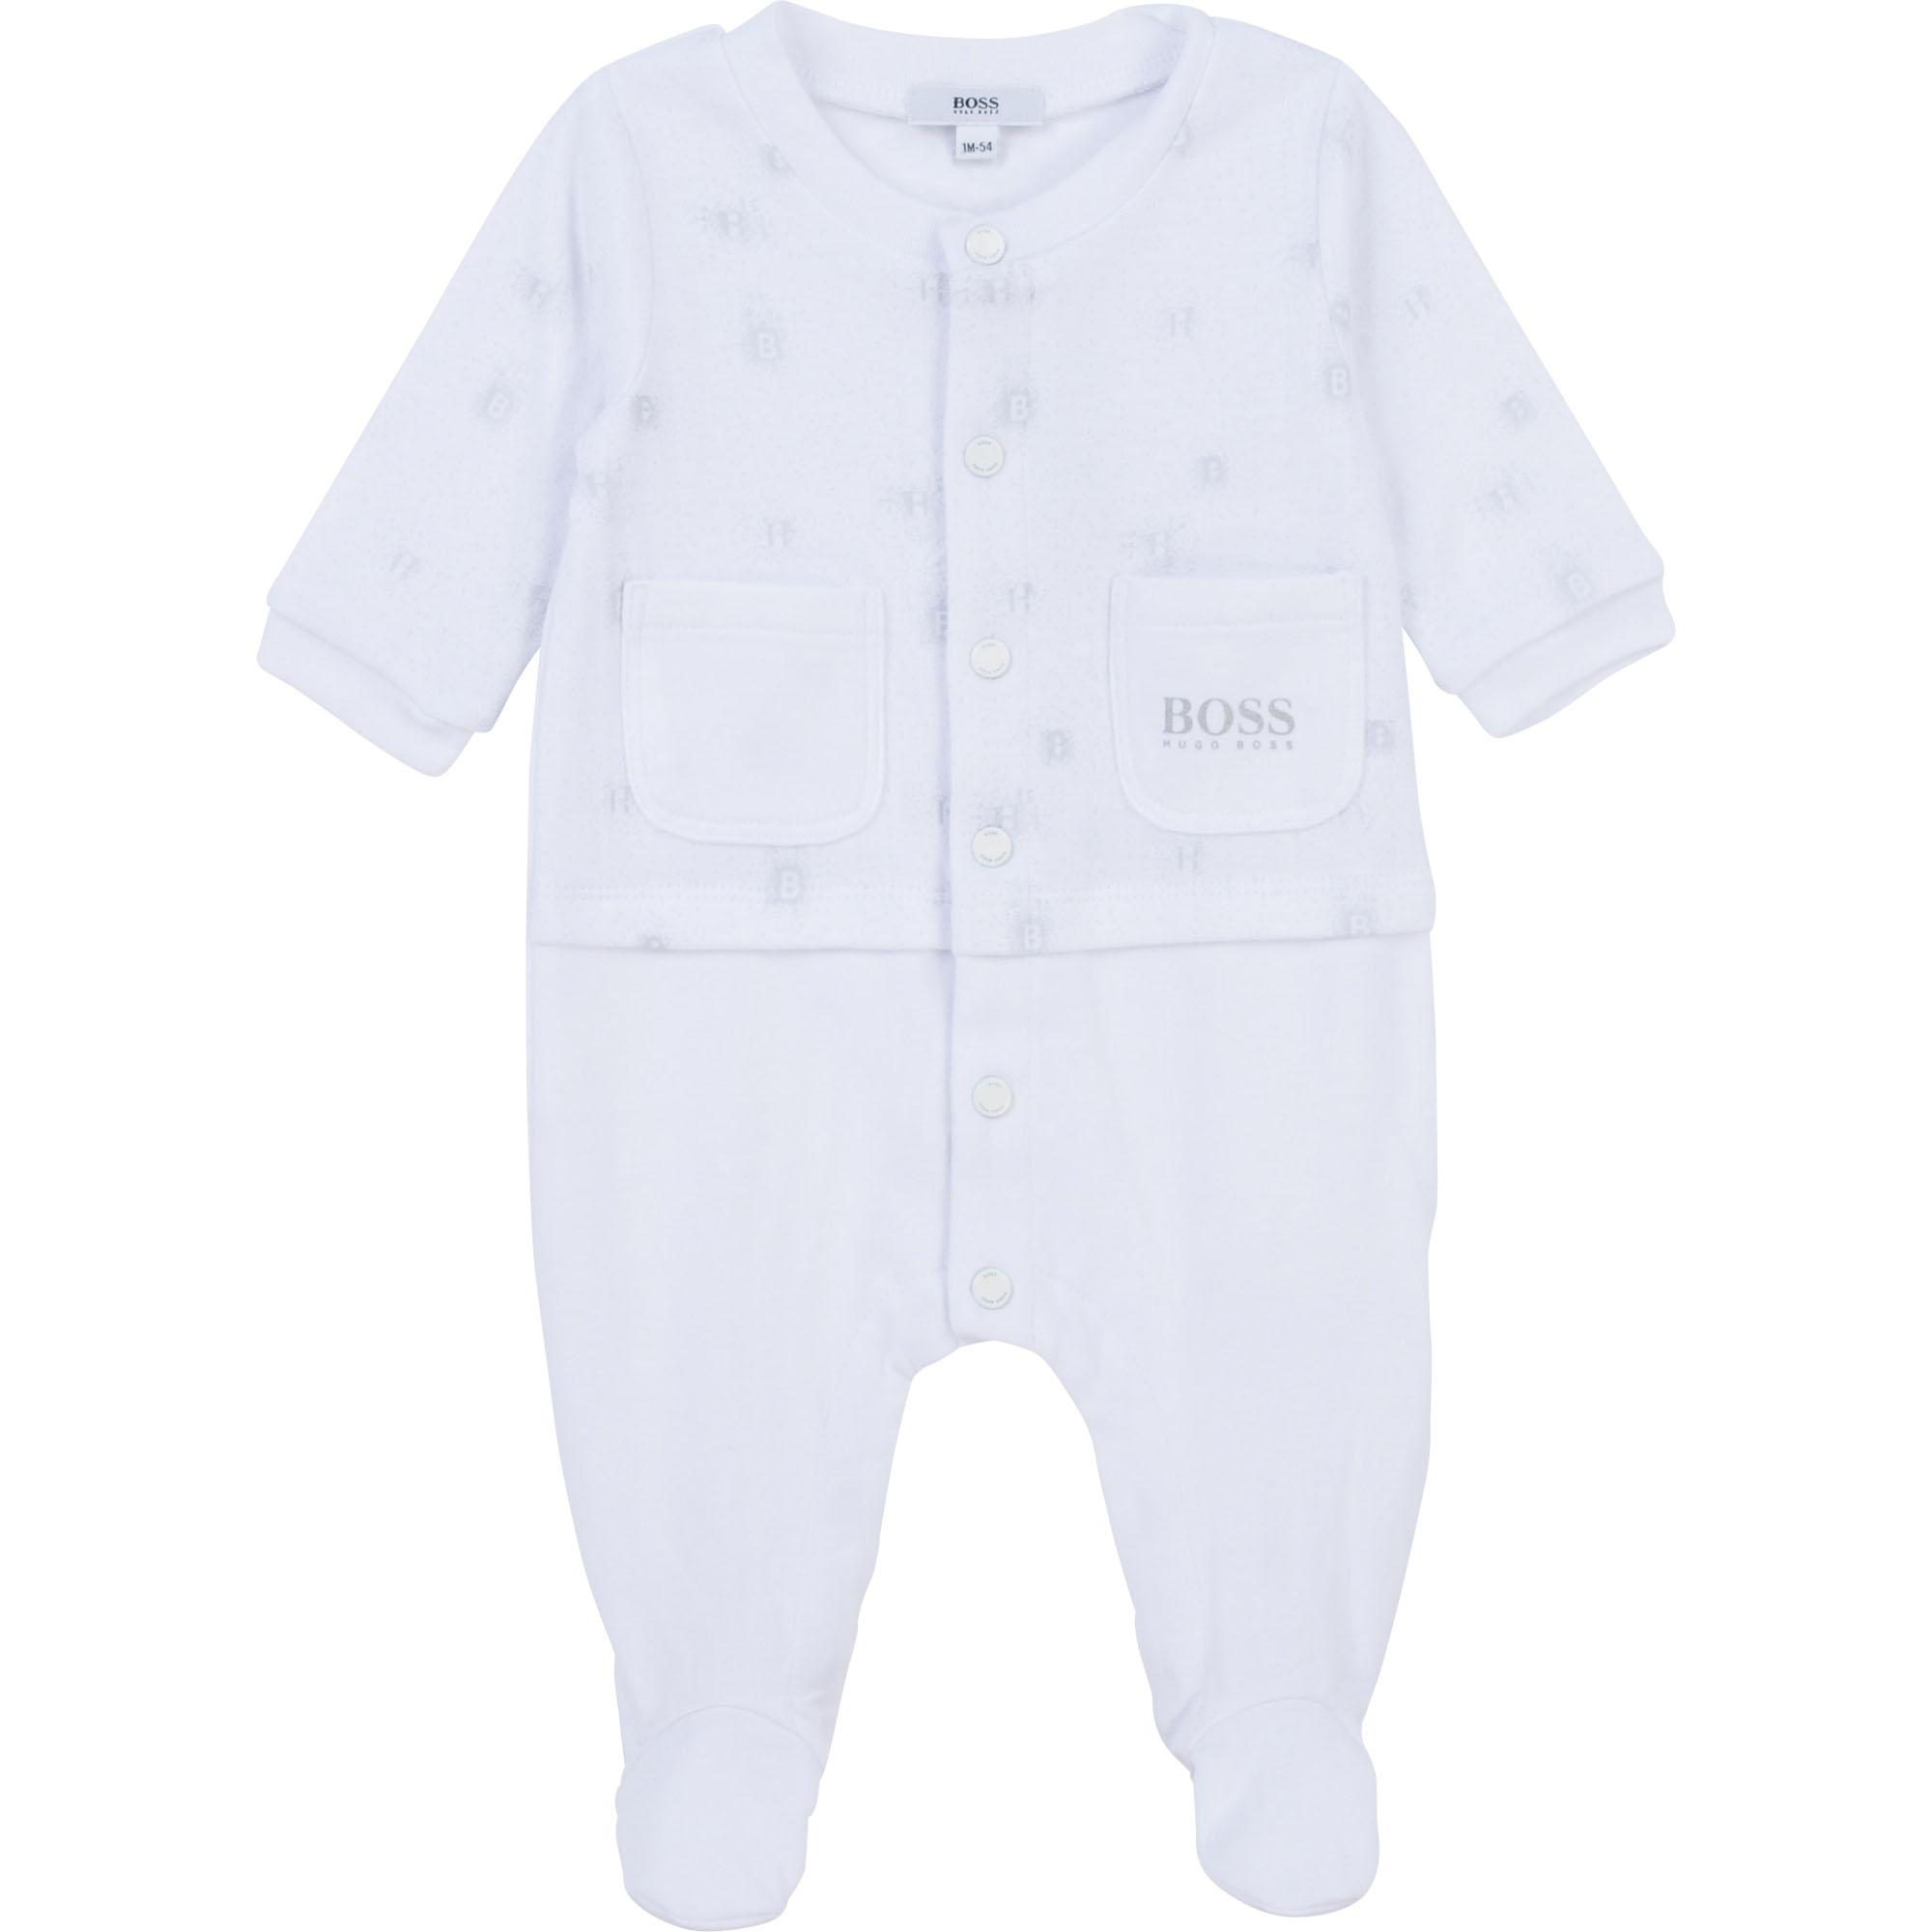 Pyjama en coton avec imprimé BOSS pour UNISEXE